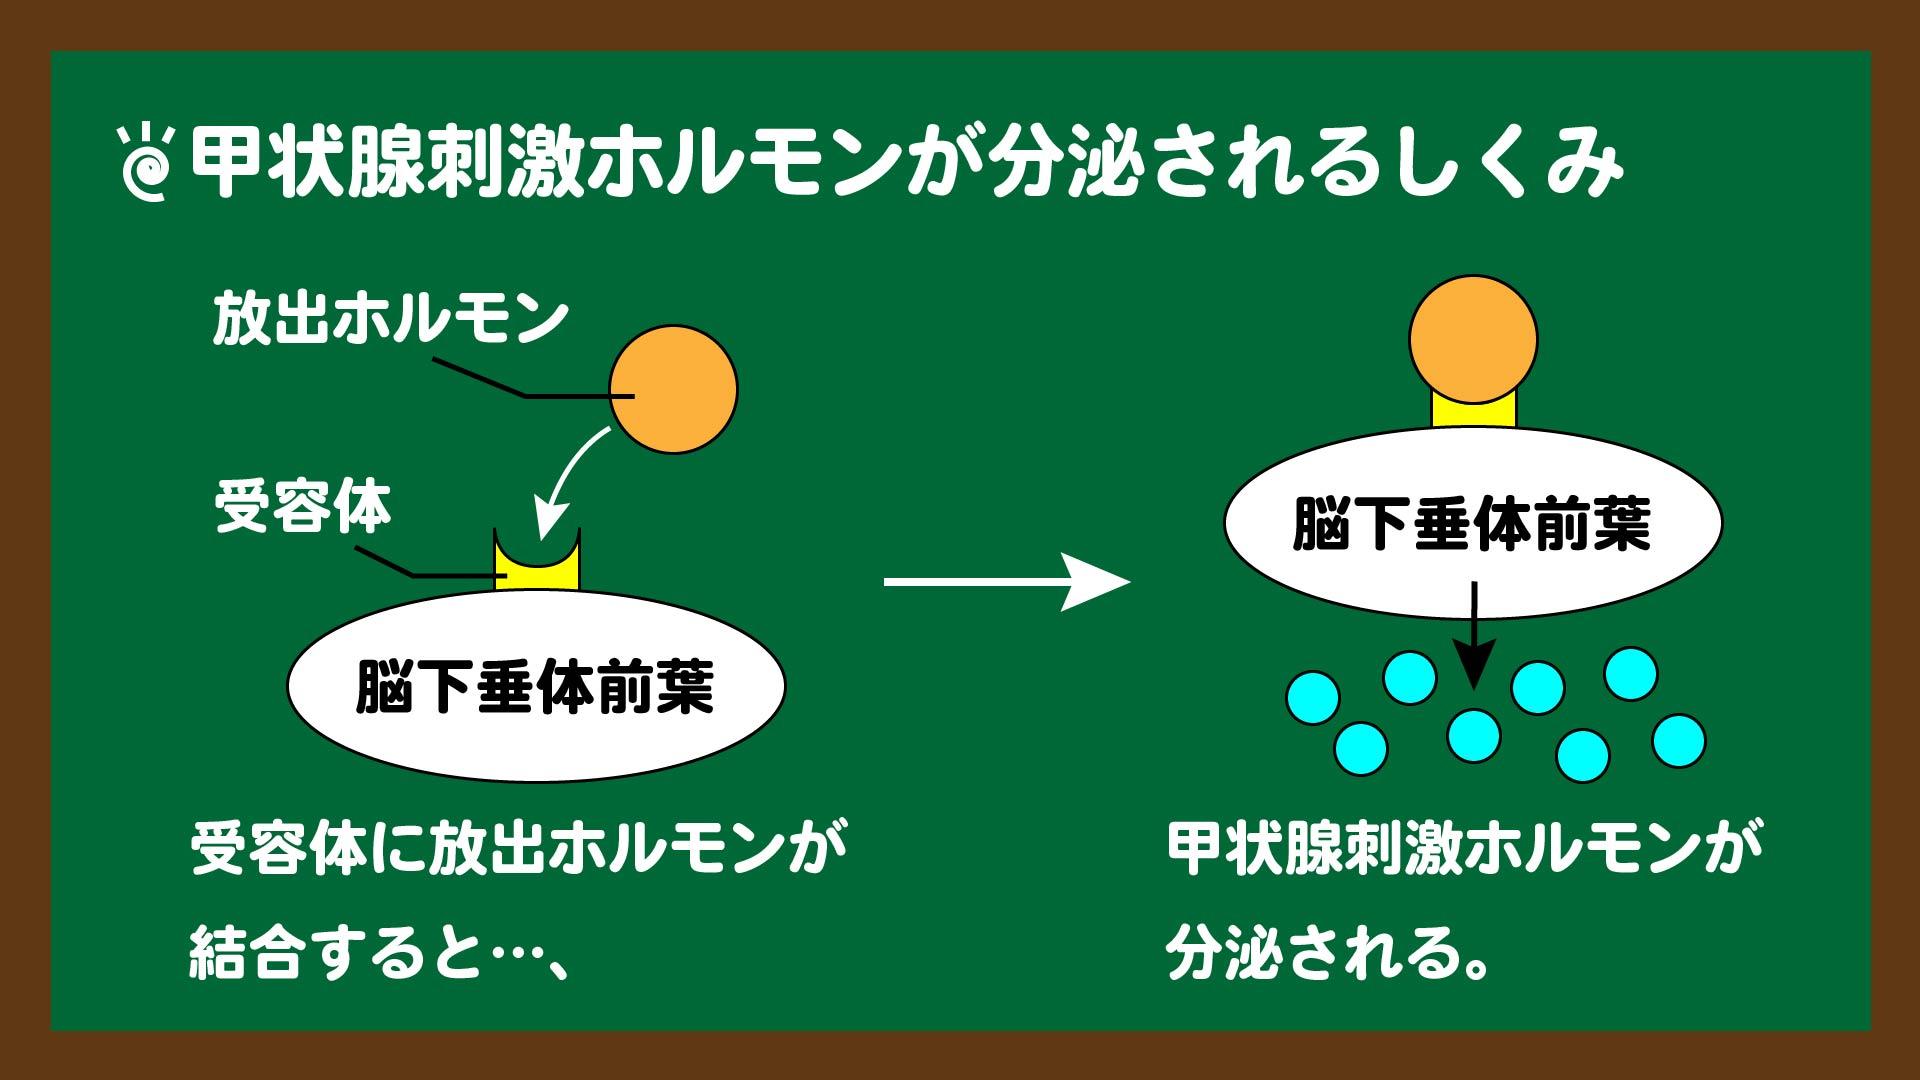 スライド4:甲状腺刺激ホルモンが分泌されるしくみ